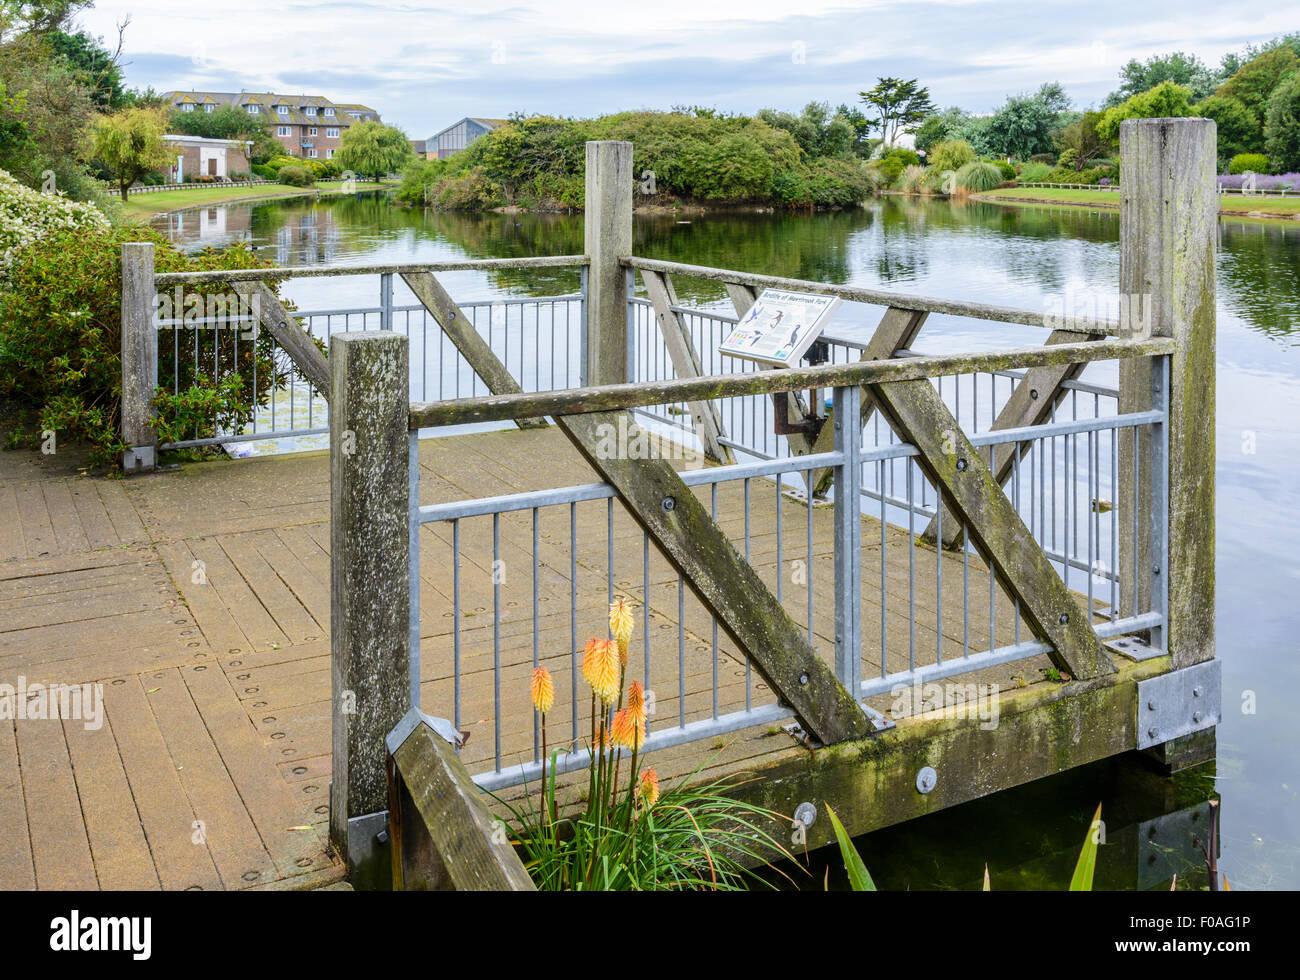 Plataforma de visualización de madera sobre el lago del Parque Mewsbrook Littlehampton, West Sussex, Inglaterra. Imagen De Stock